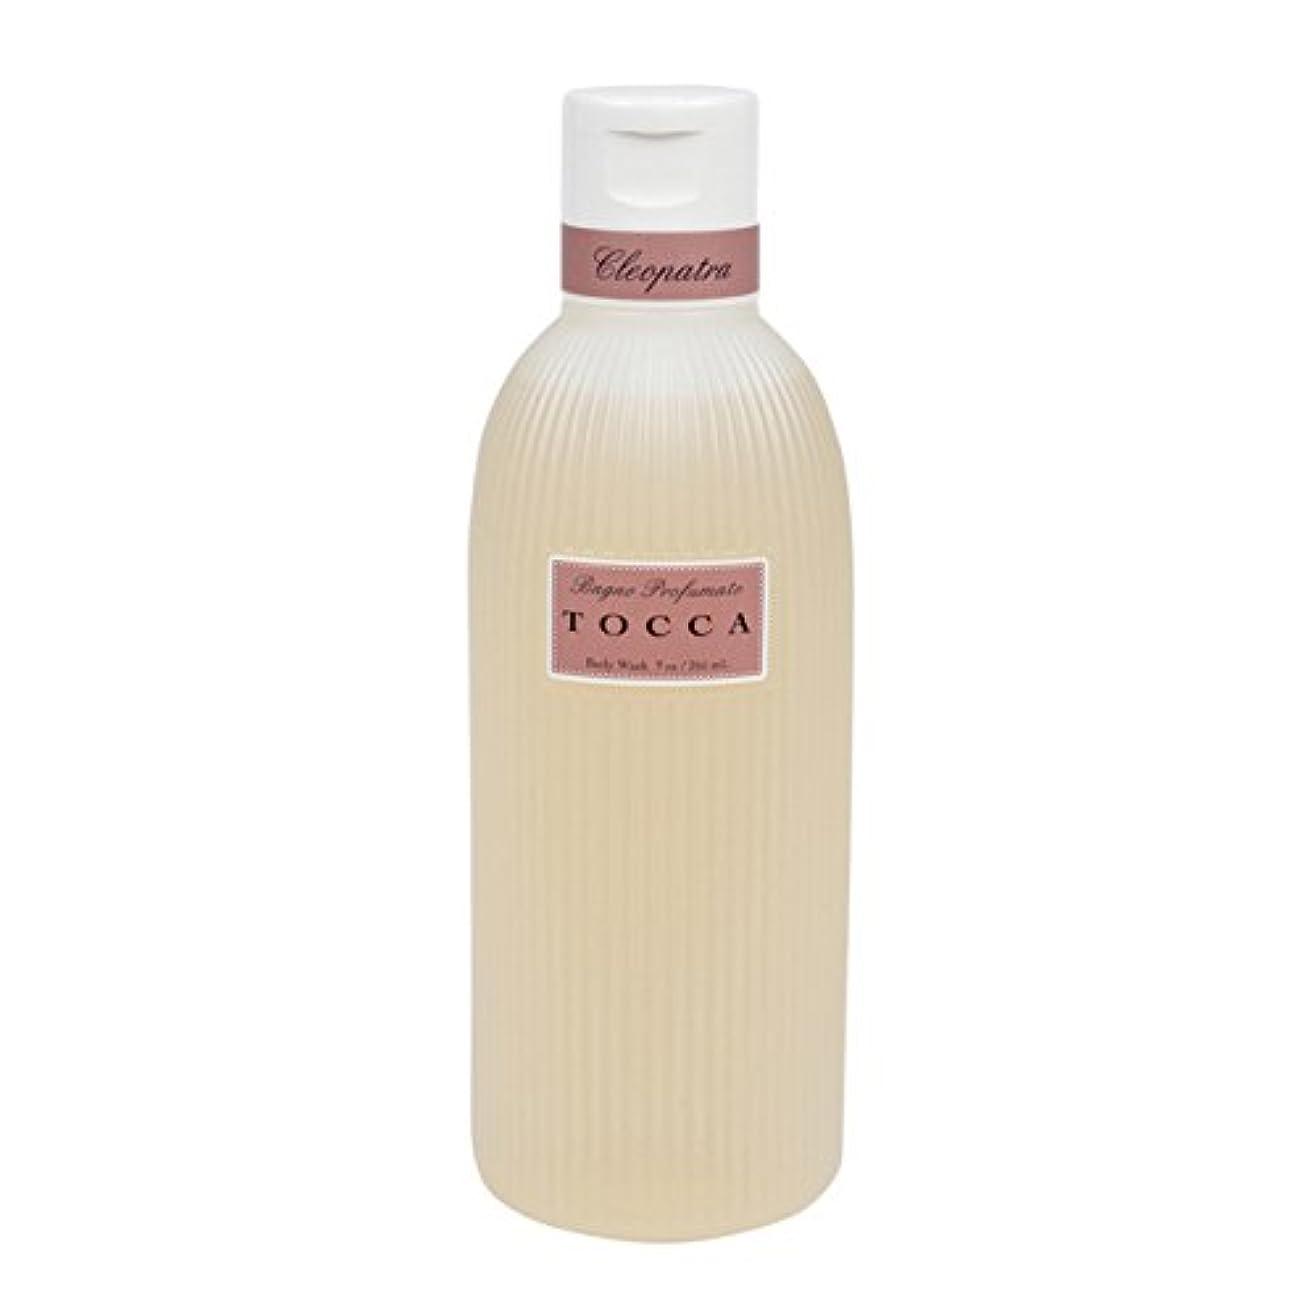 クマノミ衛星繊毛トッカ(TOCCA) ボディーケアウォッシュ クレオパトラの香り 266ml(全身用洗浄料 ボディーソープ グレープフルーツとキューカンバーのフレッシュでクリーンな香り)